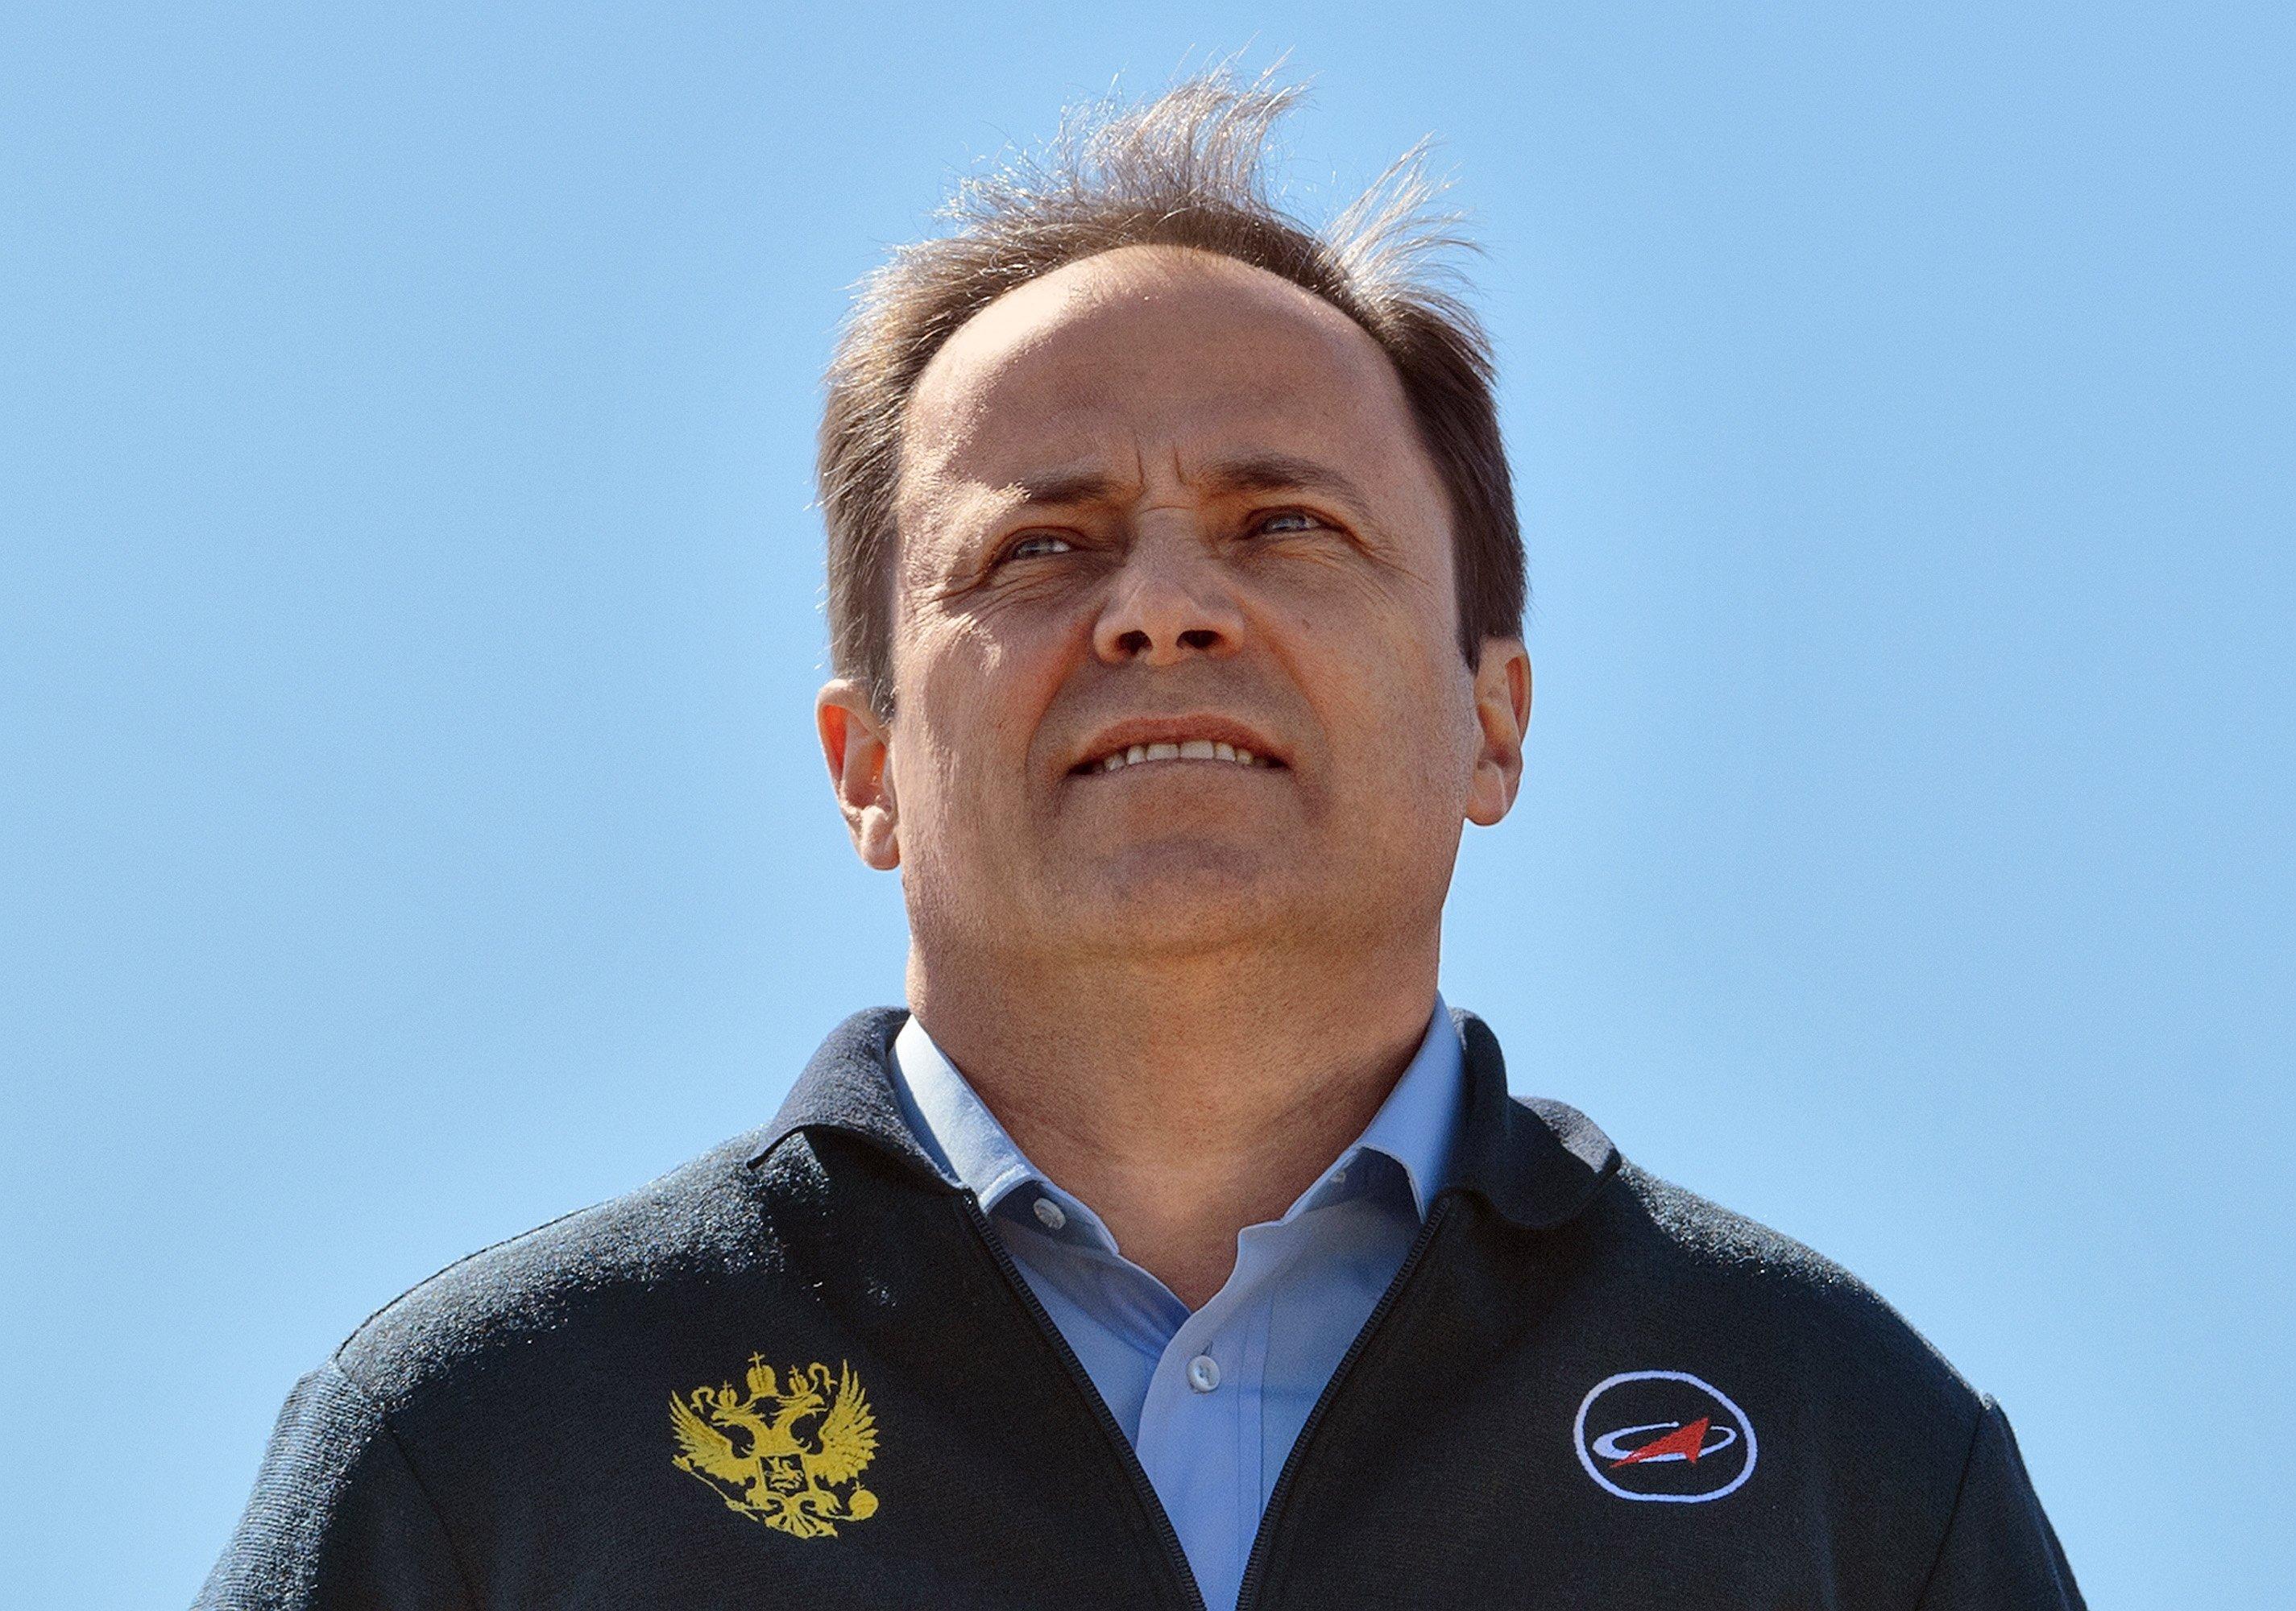 Заработок руководителя «Роскосмоса» в 2017г вырос до108 млн руб.